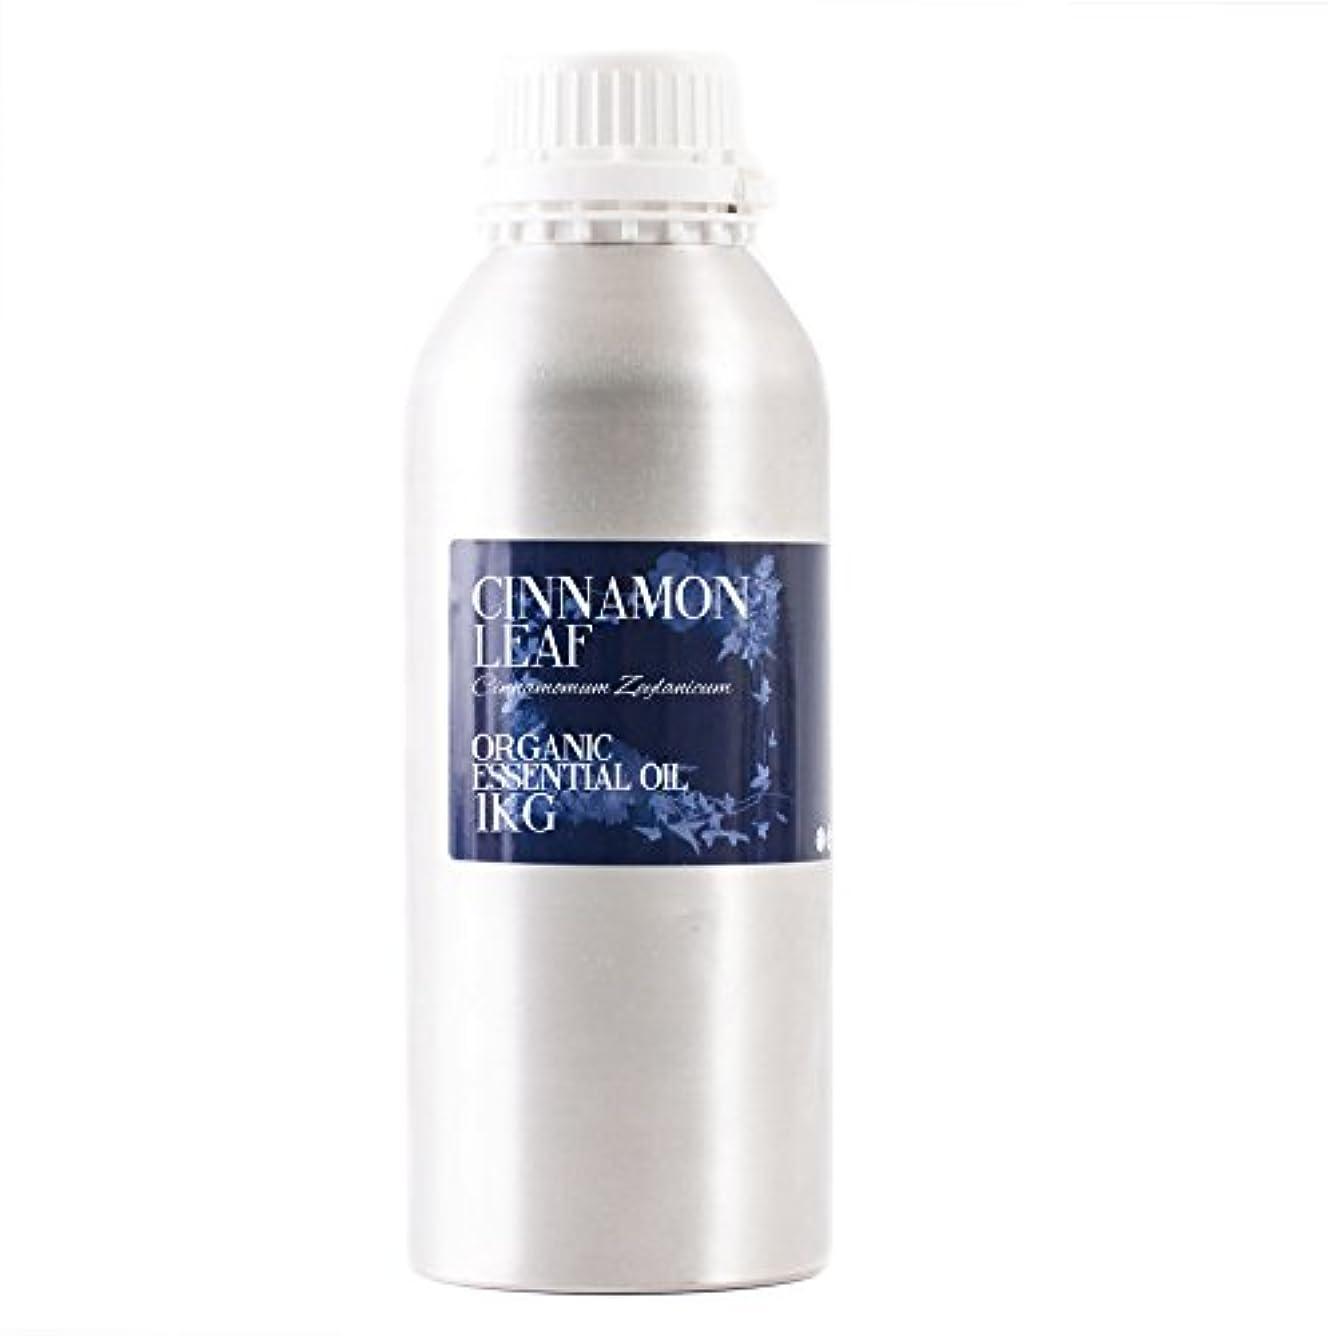 ジョージスティーブンソントピックスティーブンソンMystic Moments | Cinnamon Leaf Organic Essential Oil - 1Kg - 100% Pure